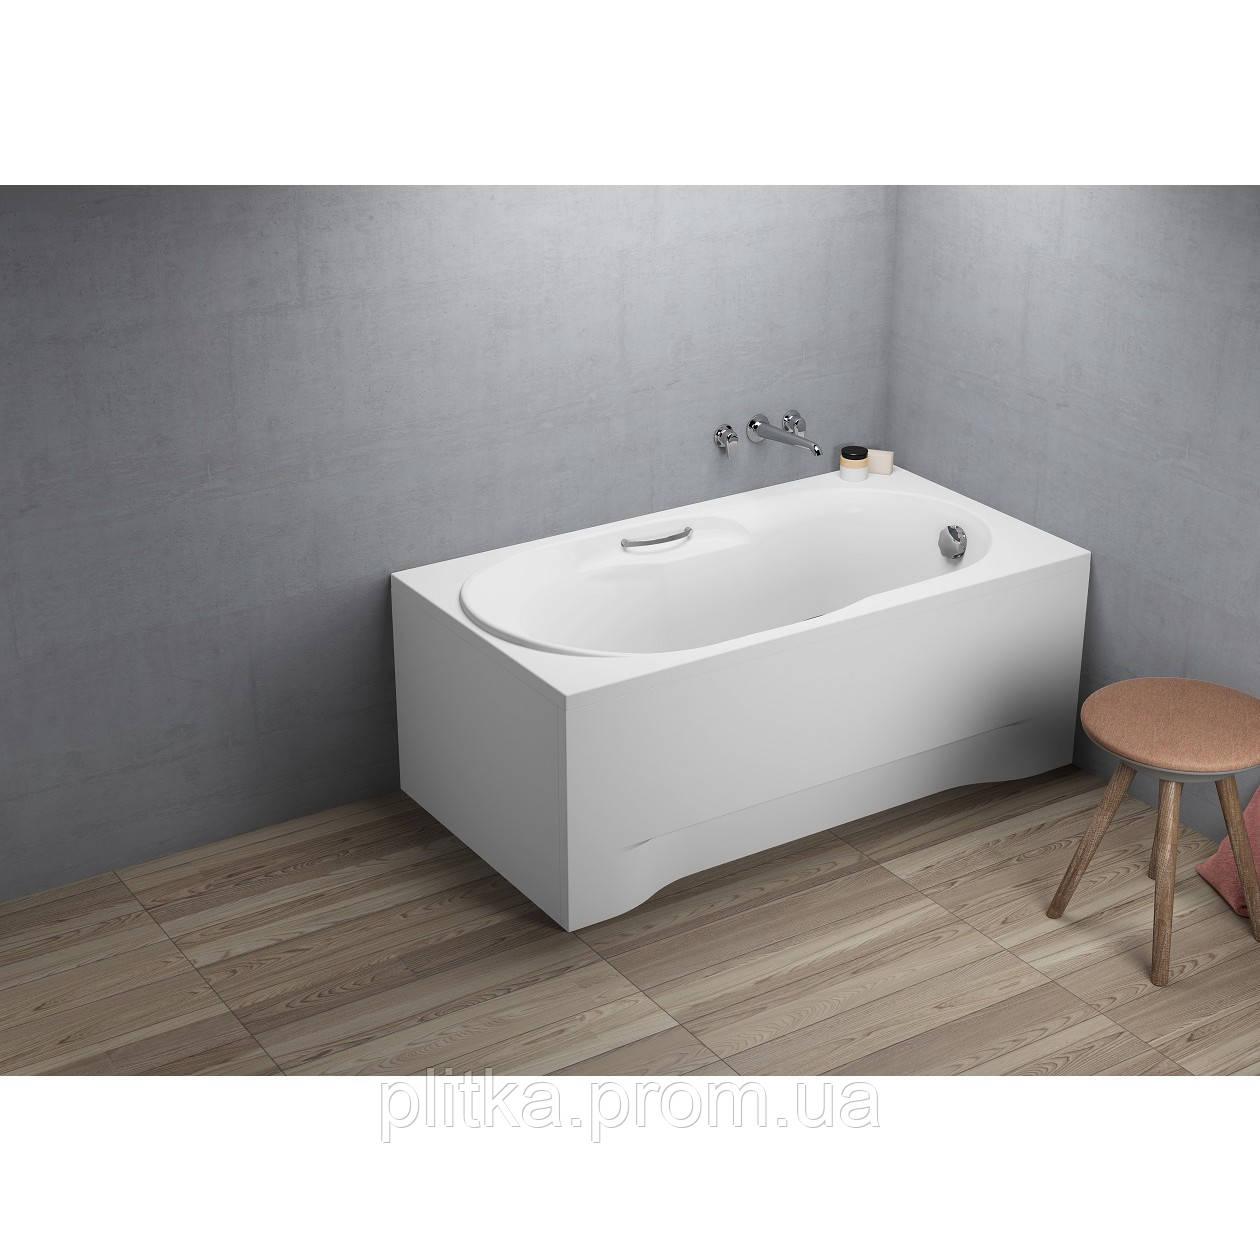 Ванна прямоугольная LUX 150x75